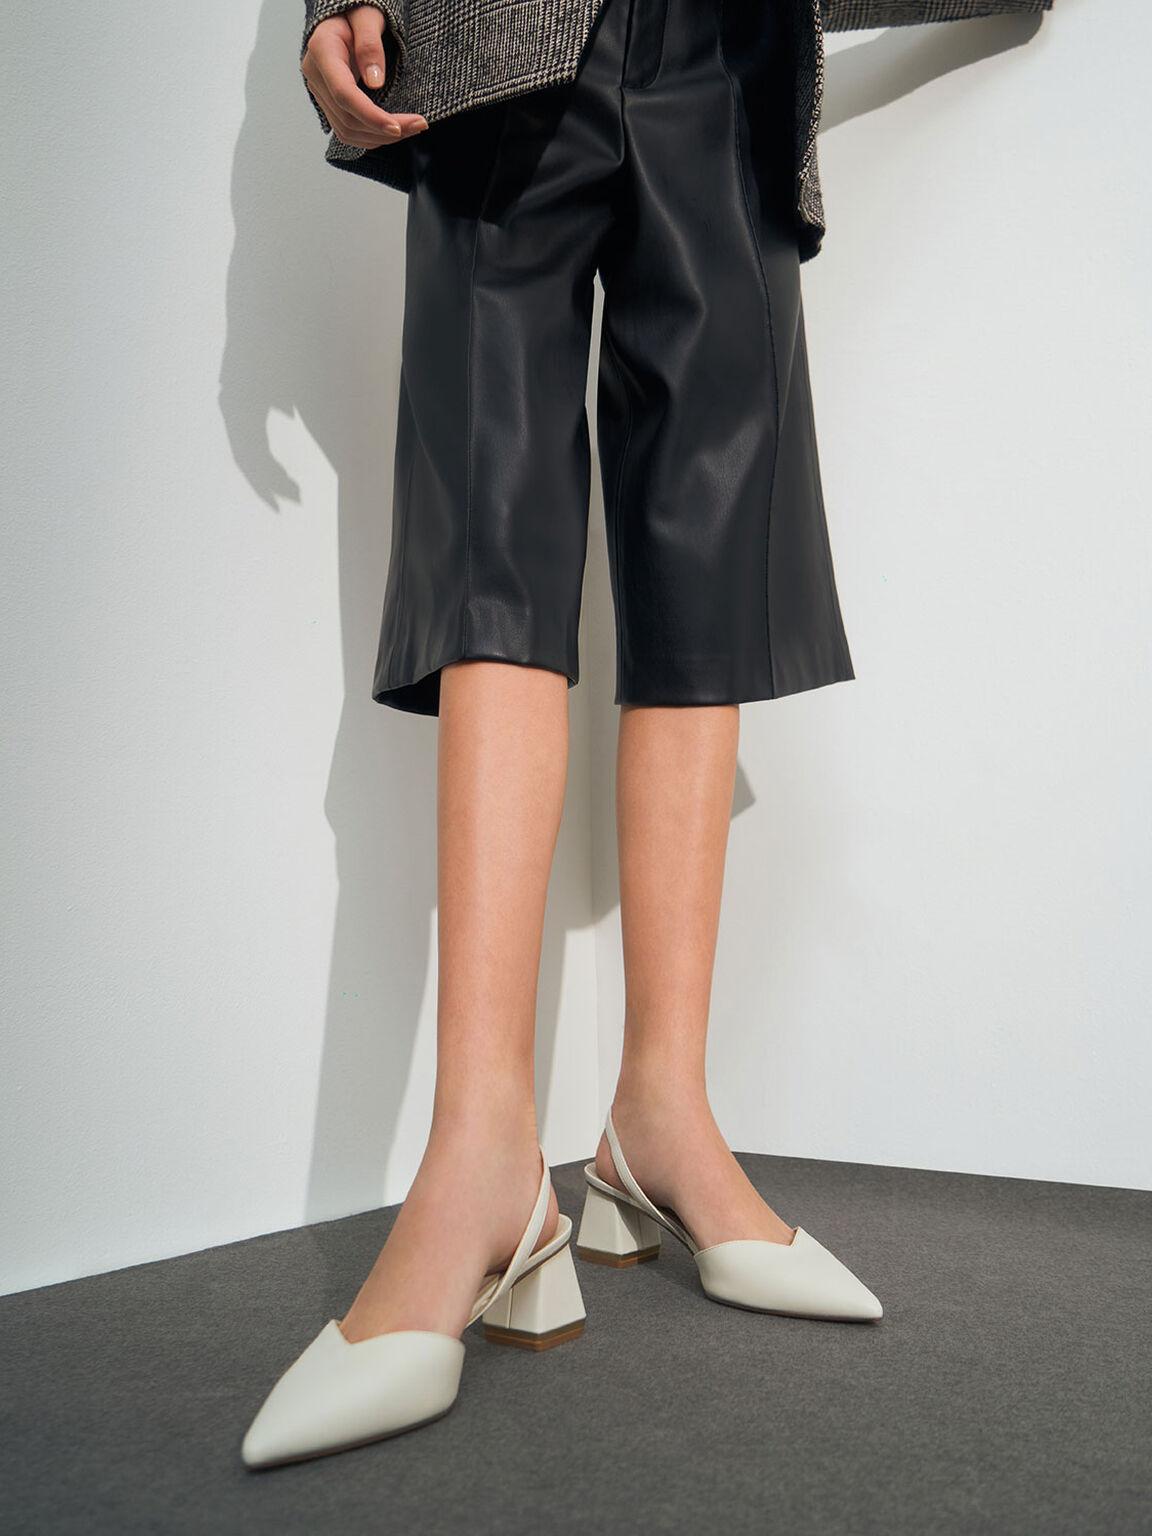 Sepatu Trapeze Heel Slingback Pumps, Chalk, hi-res